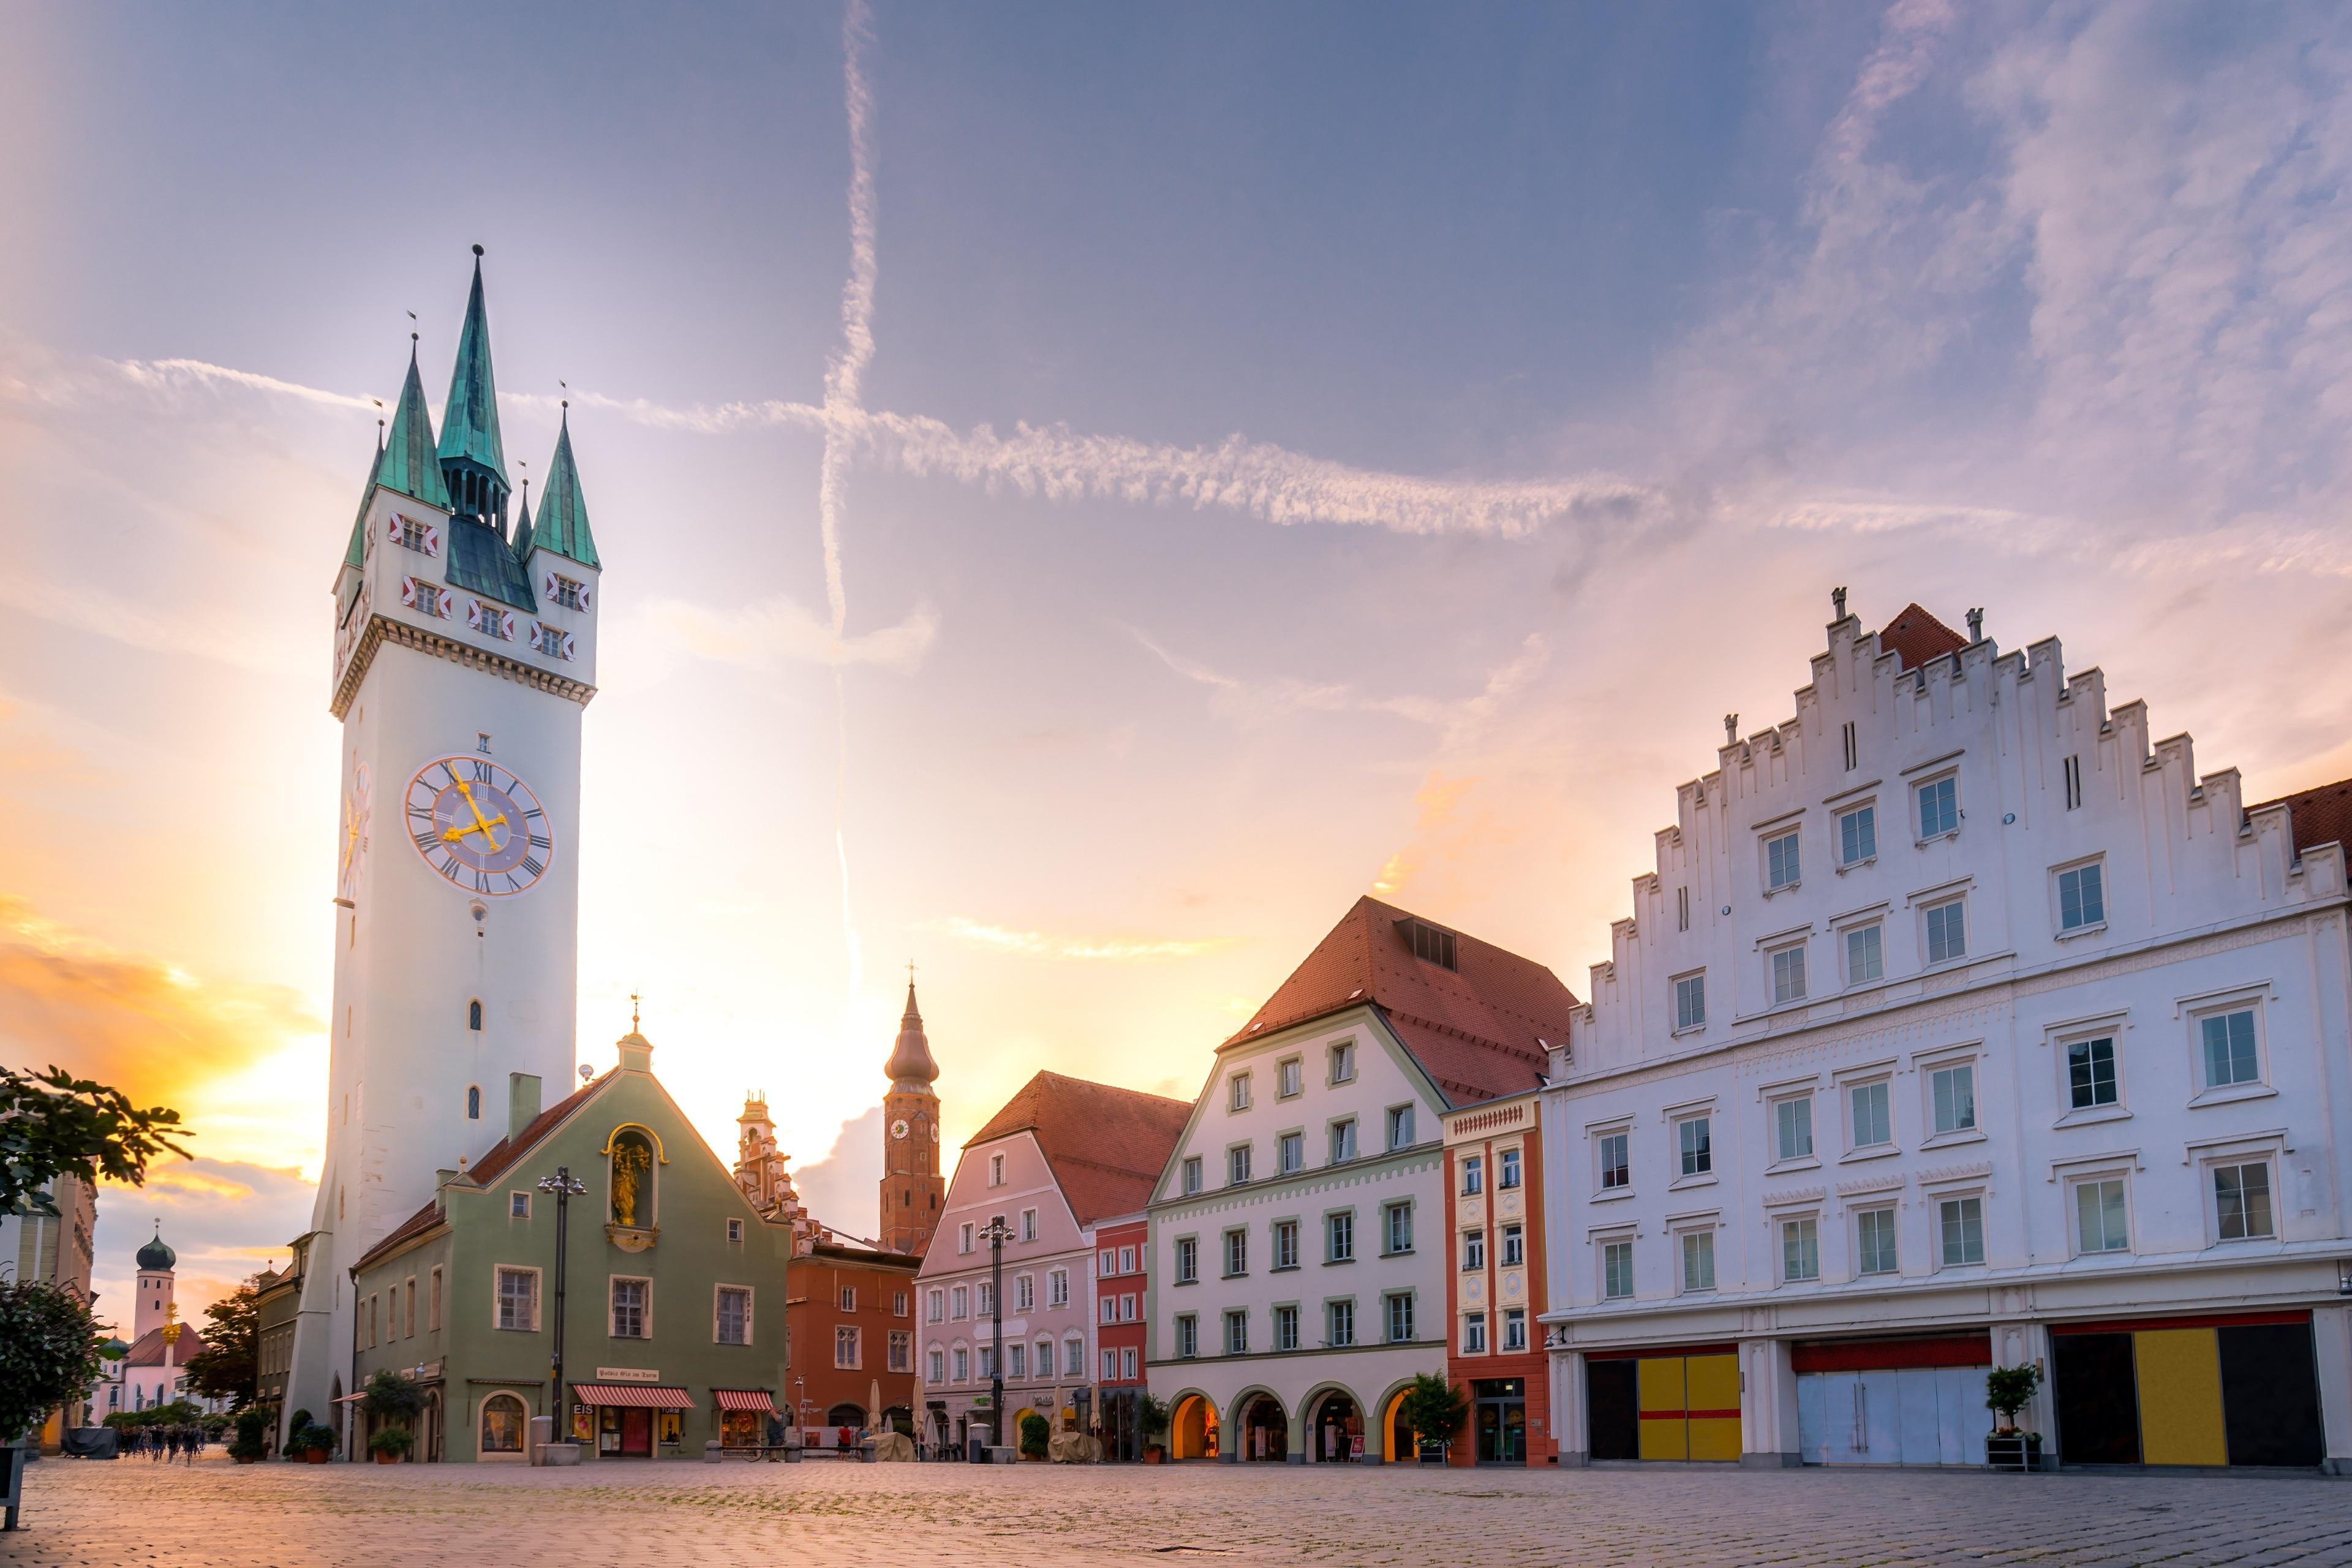 Straubing-Bogen District, Bavaria, Germany